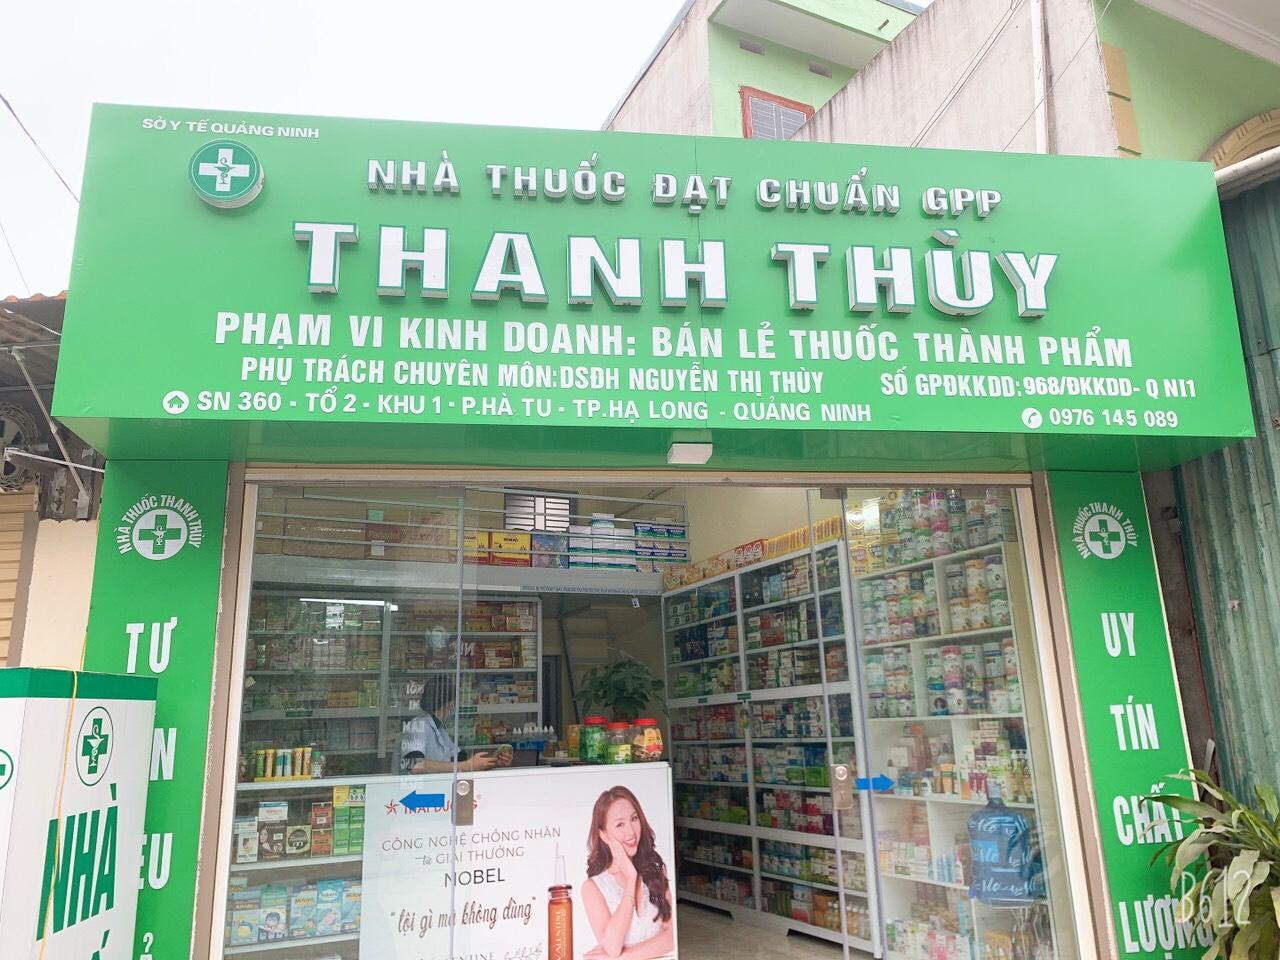 NT Thanh Thùy